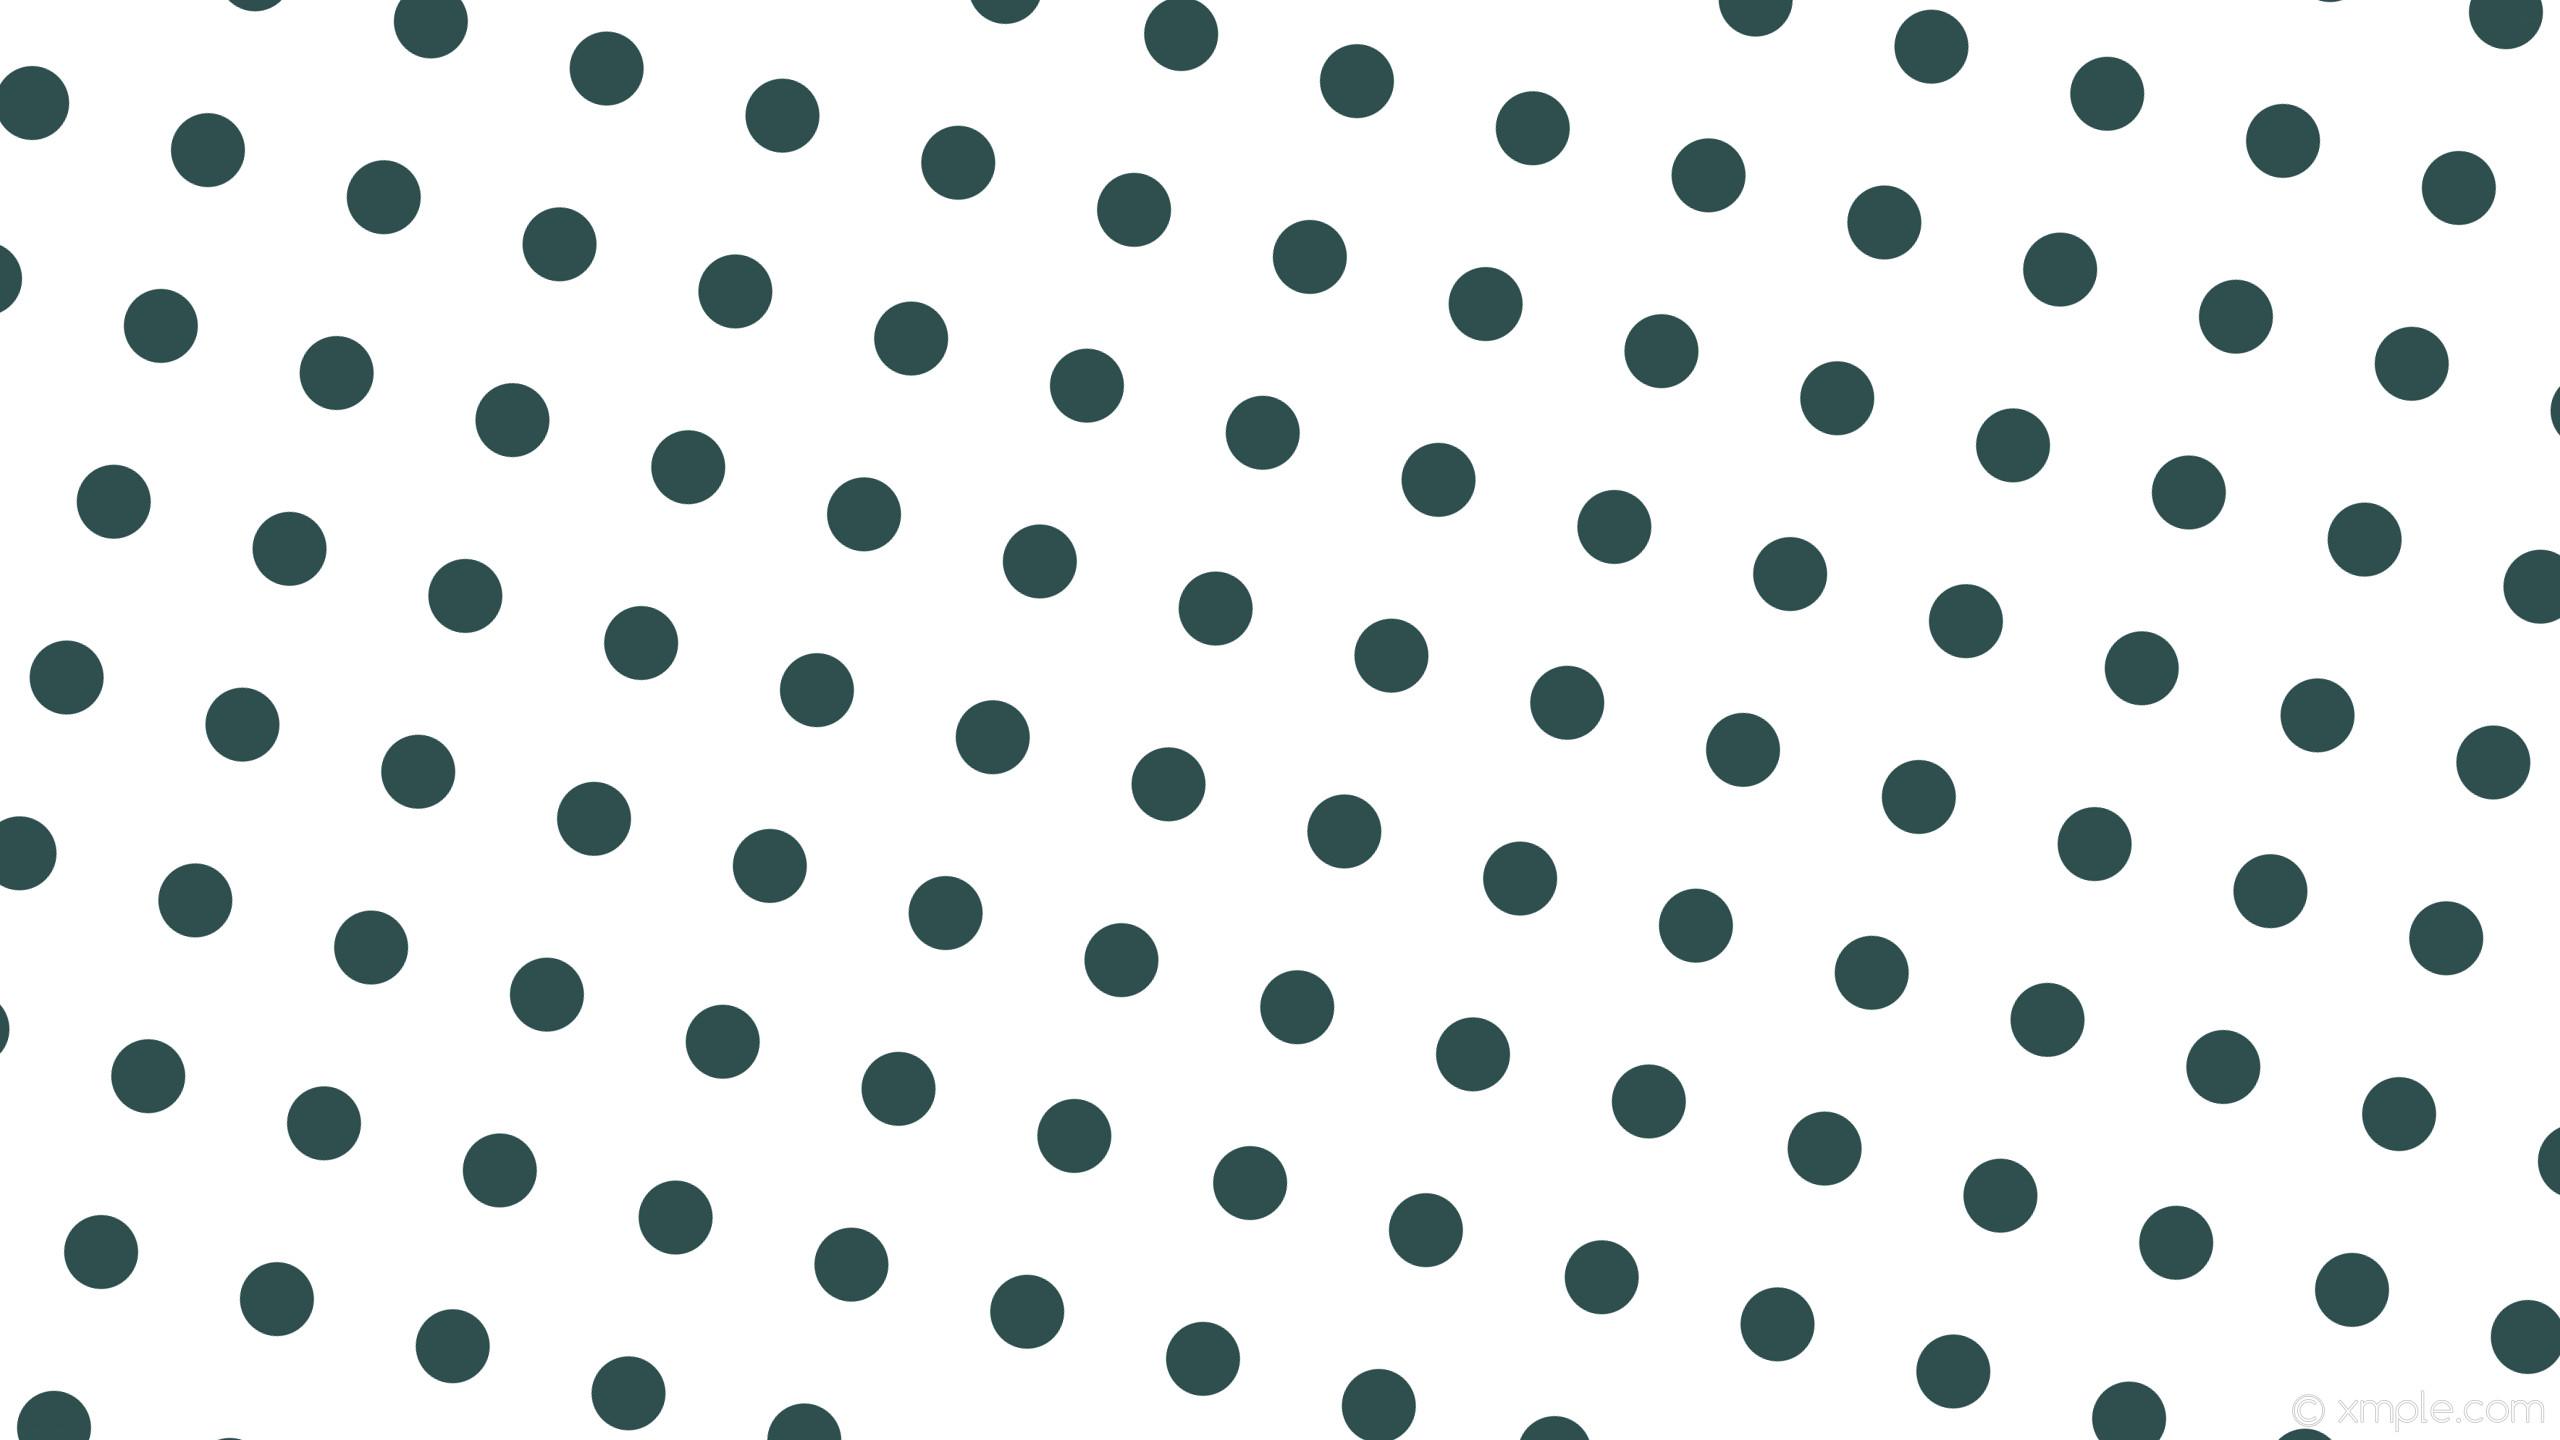 wallpaper white polka dots grey spots dark slate gray #ffffff #2f4f4f 75°  74px